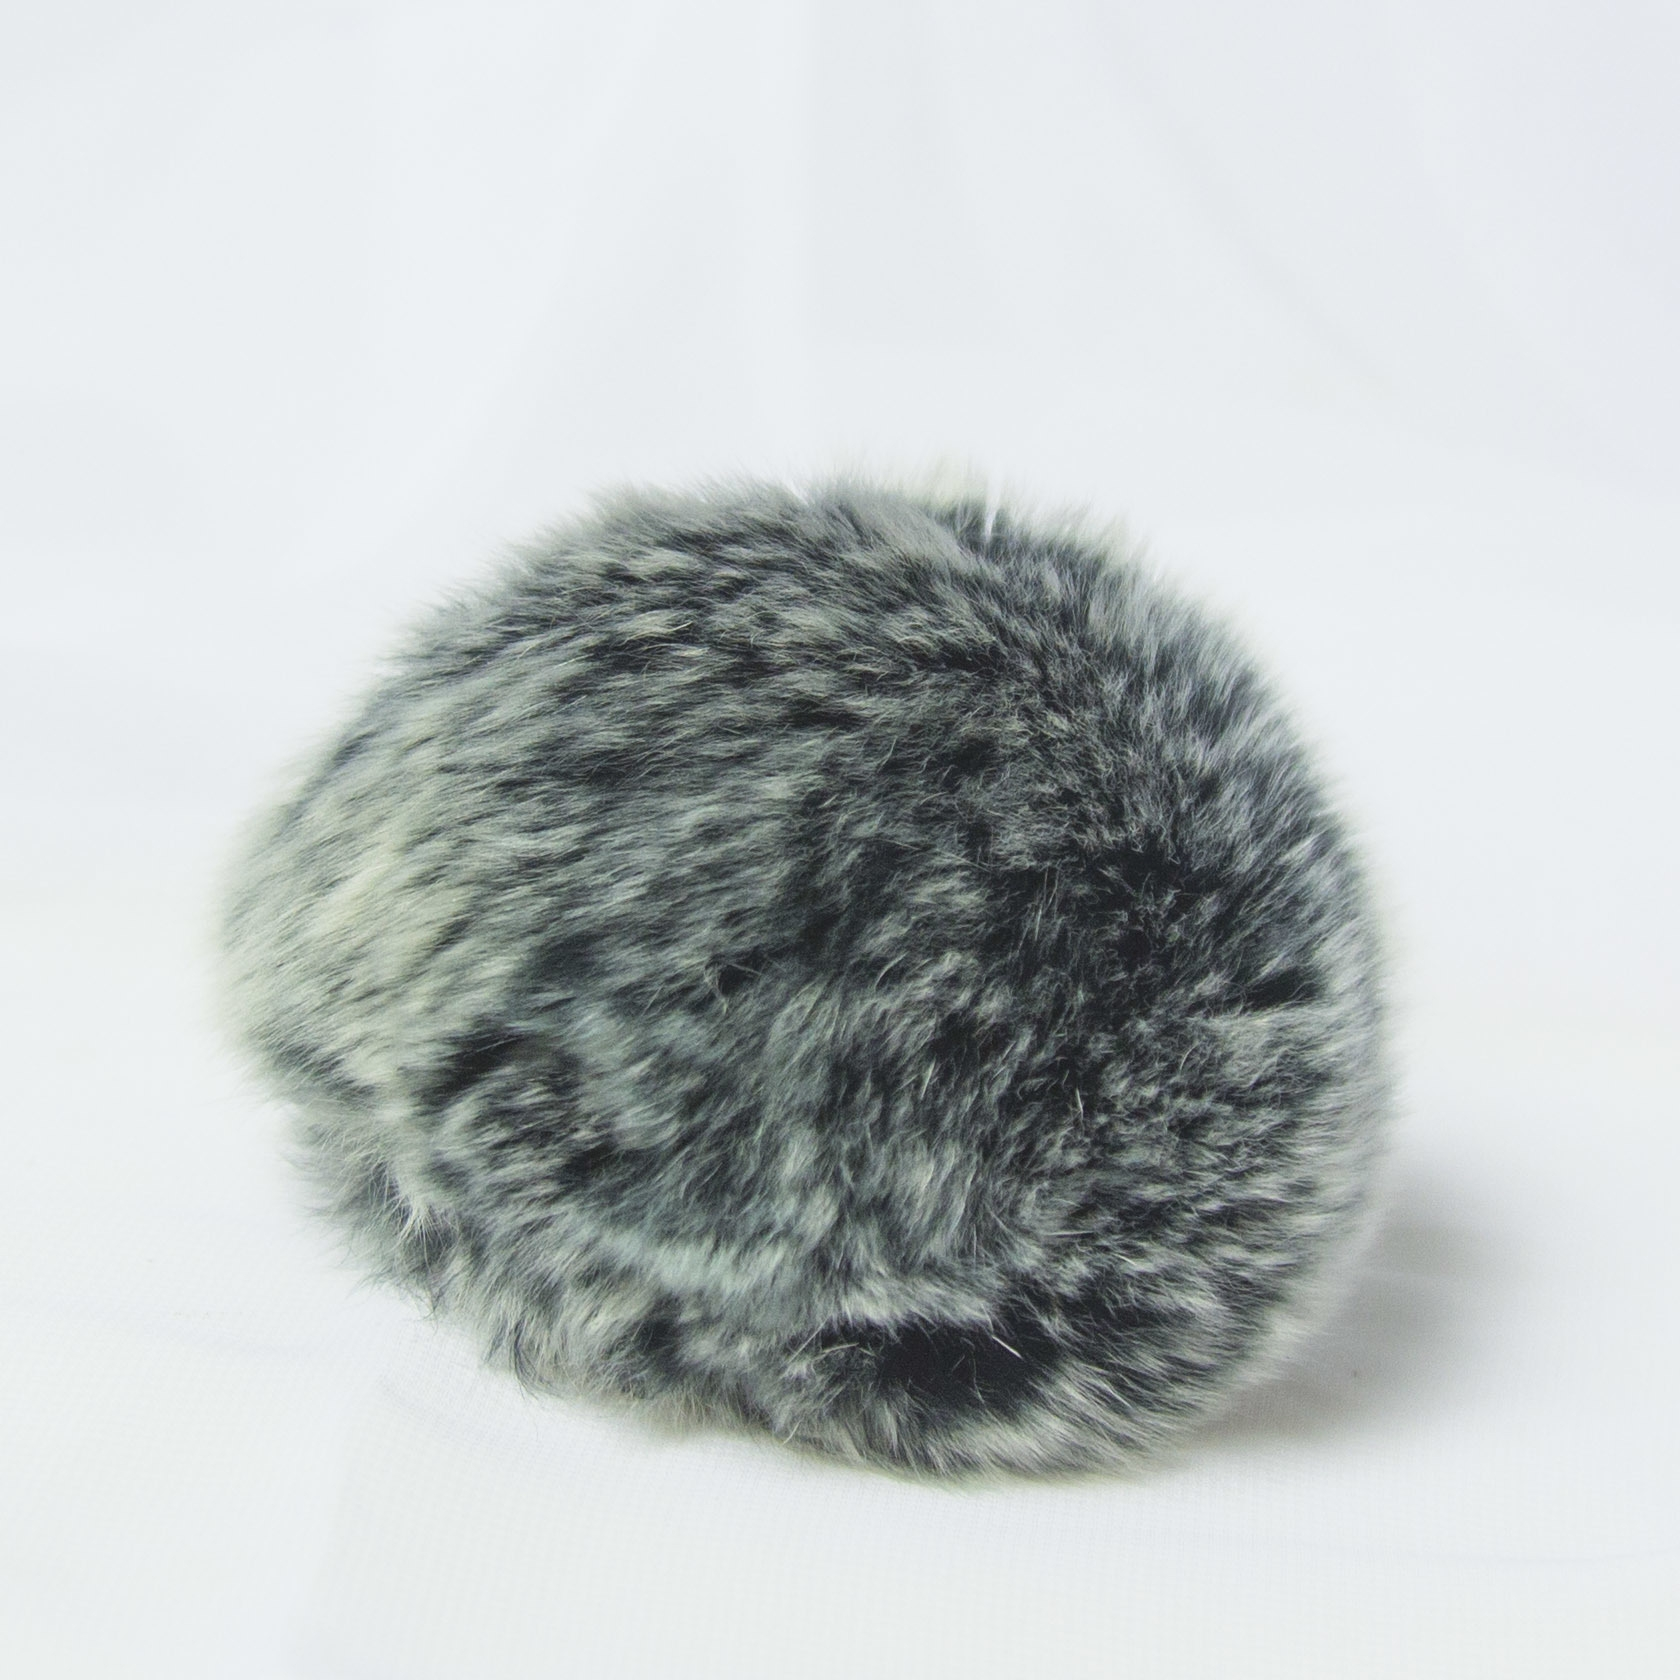 Помпон D6-9 мех кролик Цвет.03 Т.серый